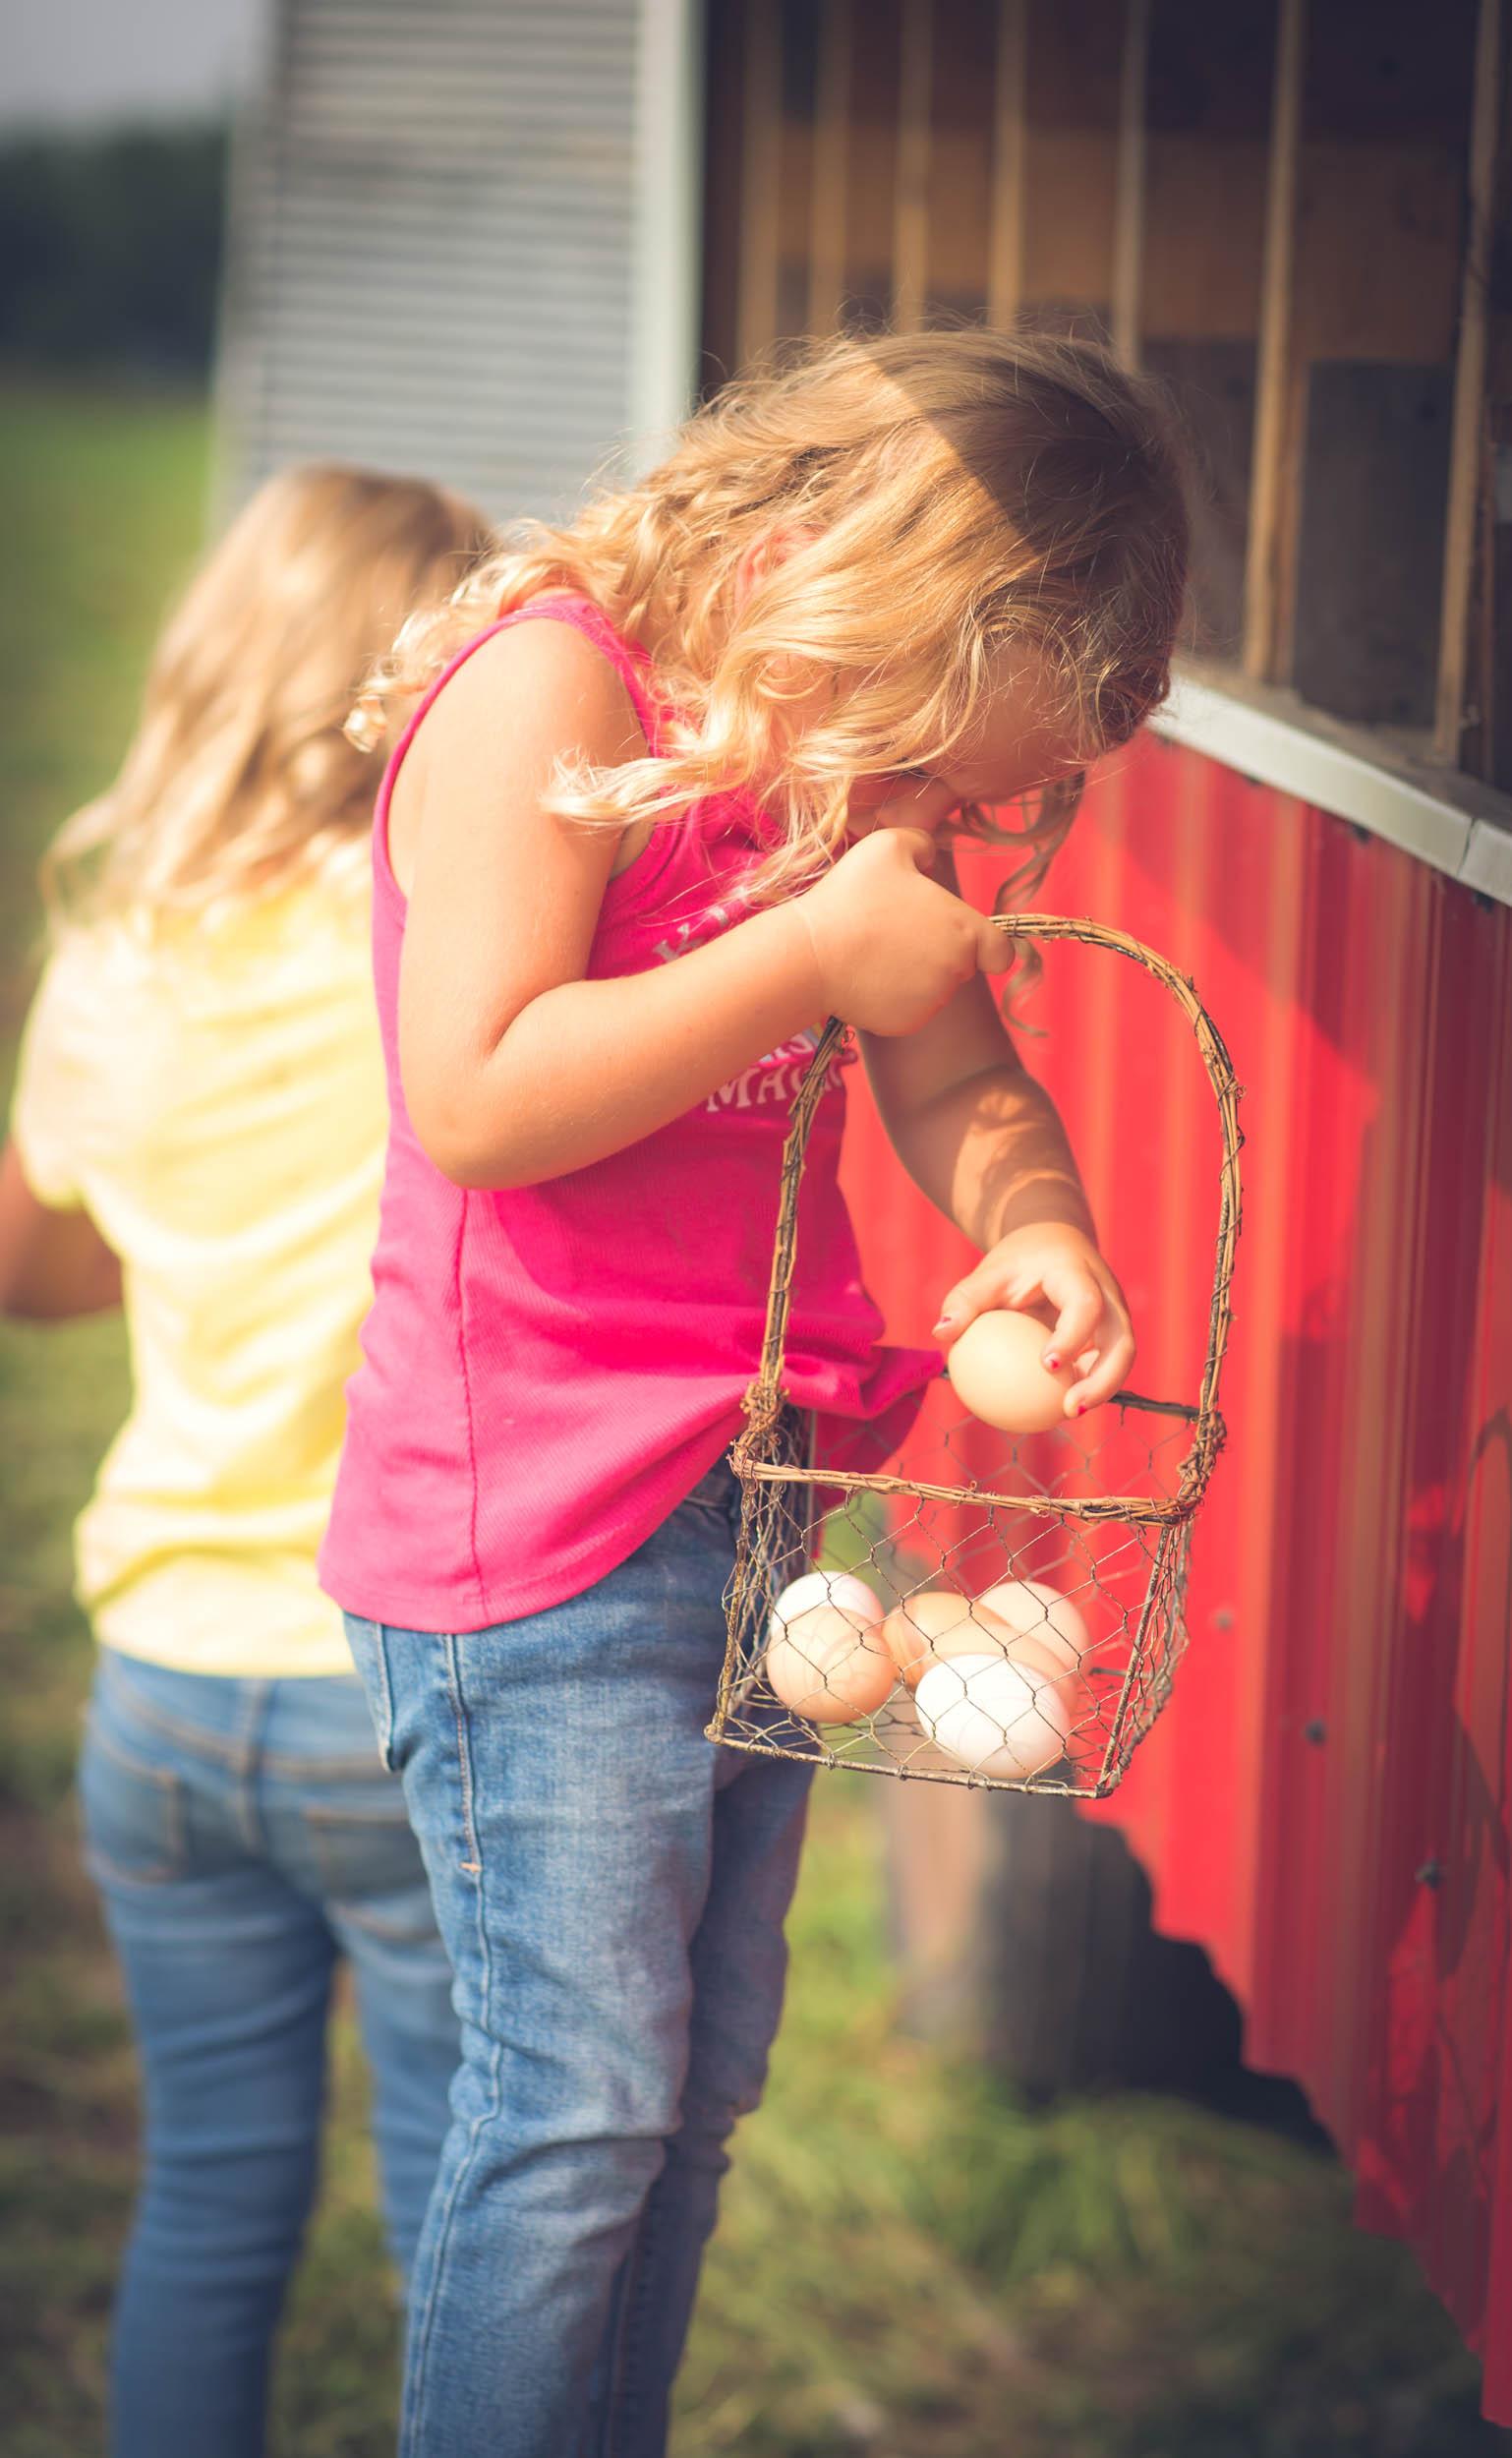 kate egg.jpg